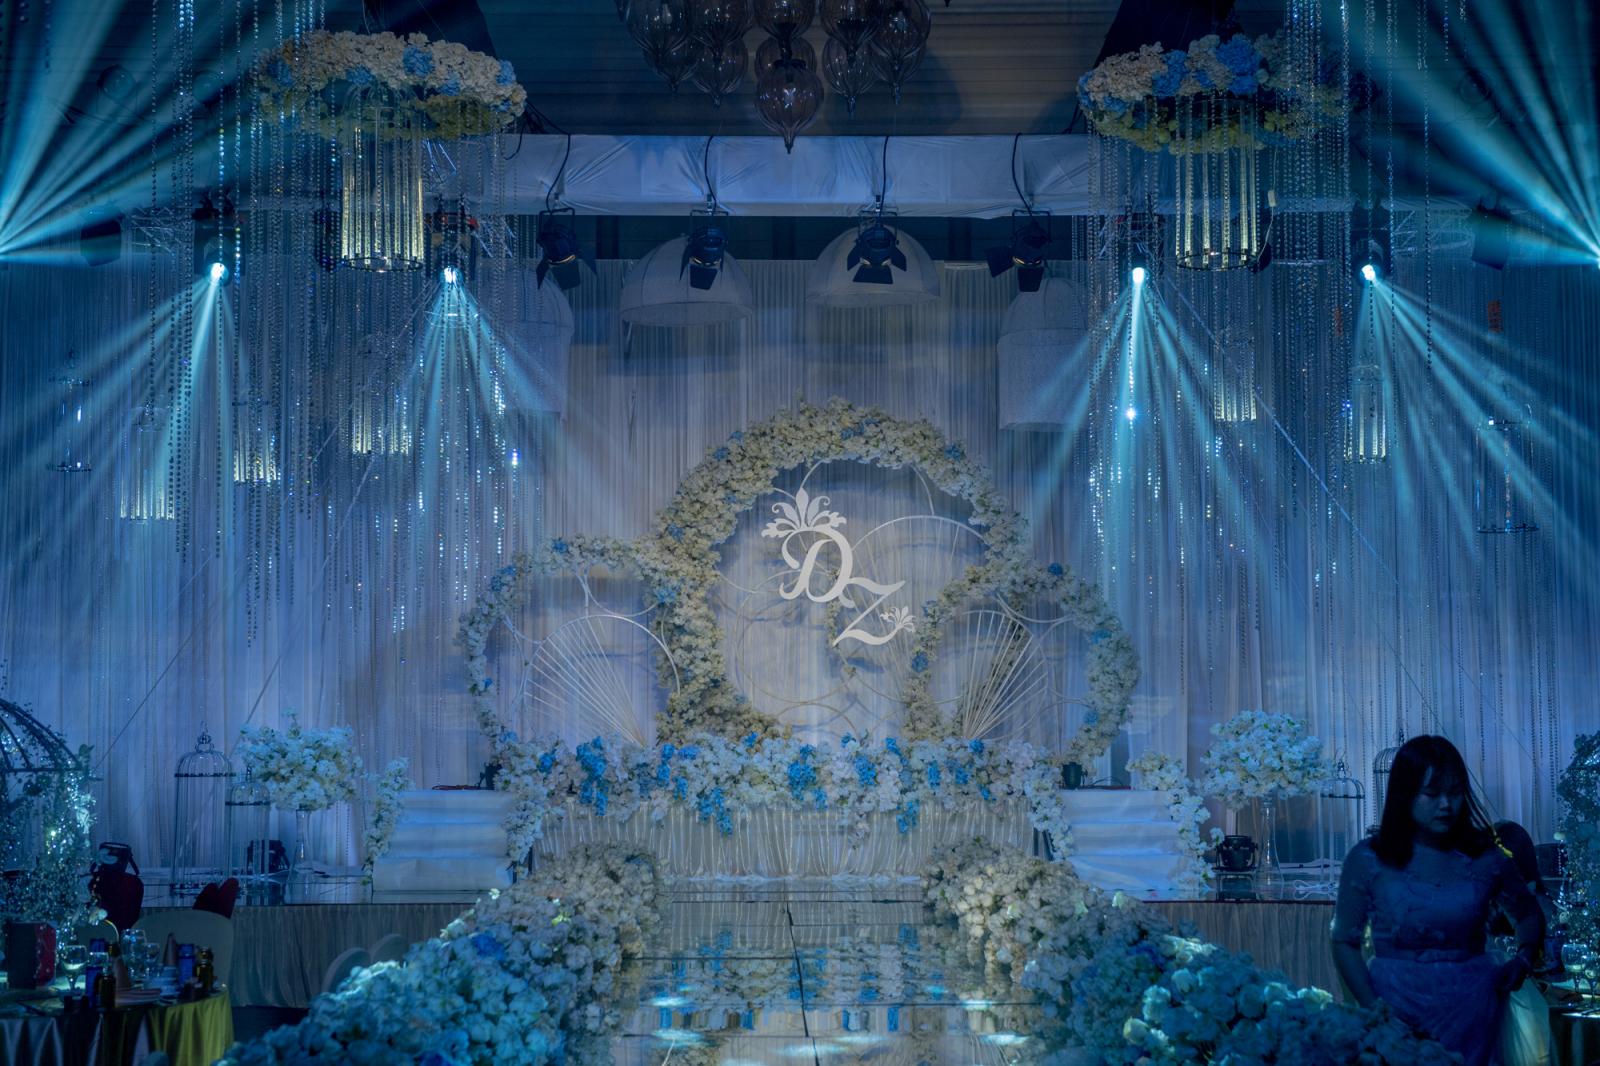 """守护-本场婚礼取之于新郎的一段发自肺腑的声音:我不能给你惊喜和浪漫,但是我会一直""""守护""""着你,你的任务是如水晶般晶莹美丽,我的任务是如雨伞般呵护、守护你。"""